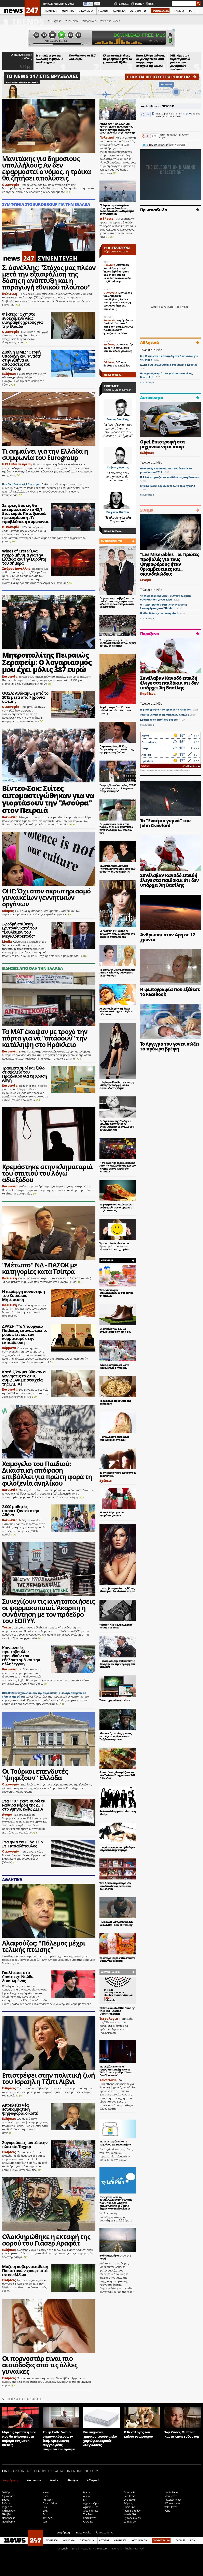 News 247 at Tuesday Nov. 27, 2012, 3:19 p.m. UTC